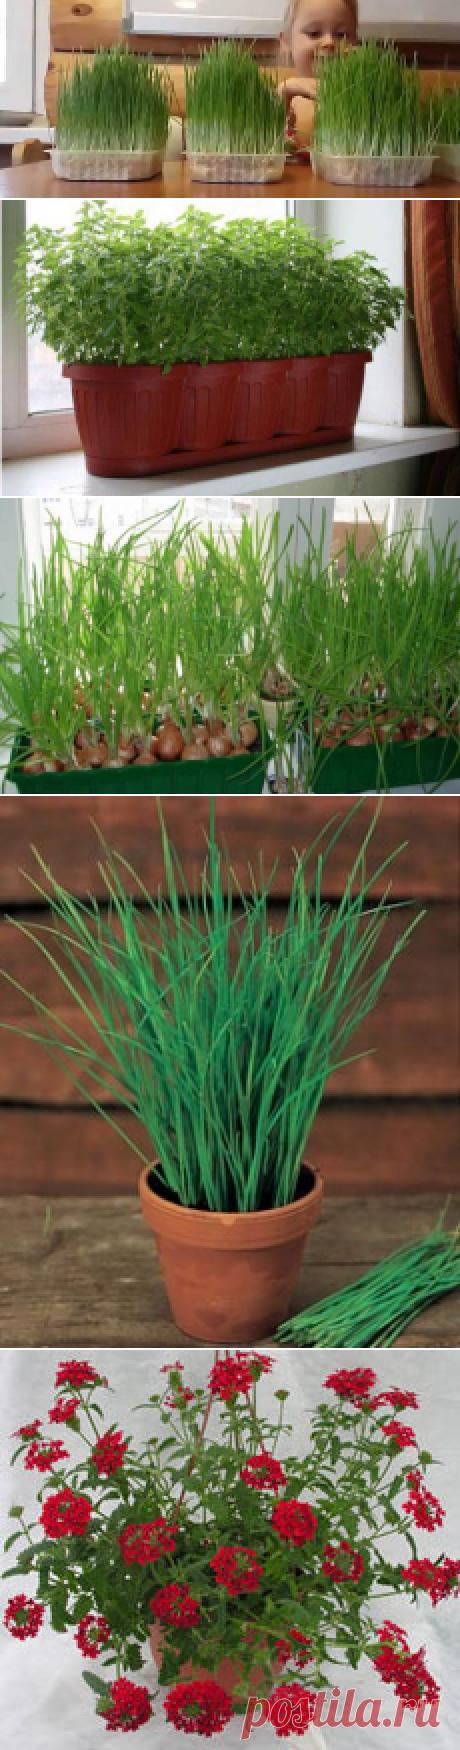 Выращивание зелени на подоконнике зимой: уход, полив